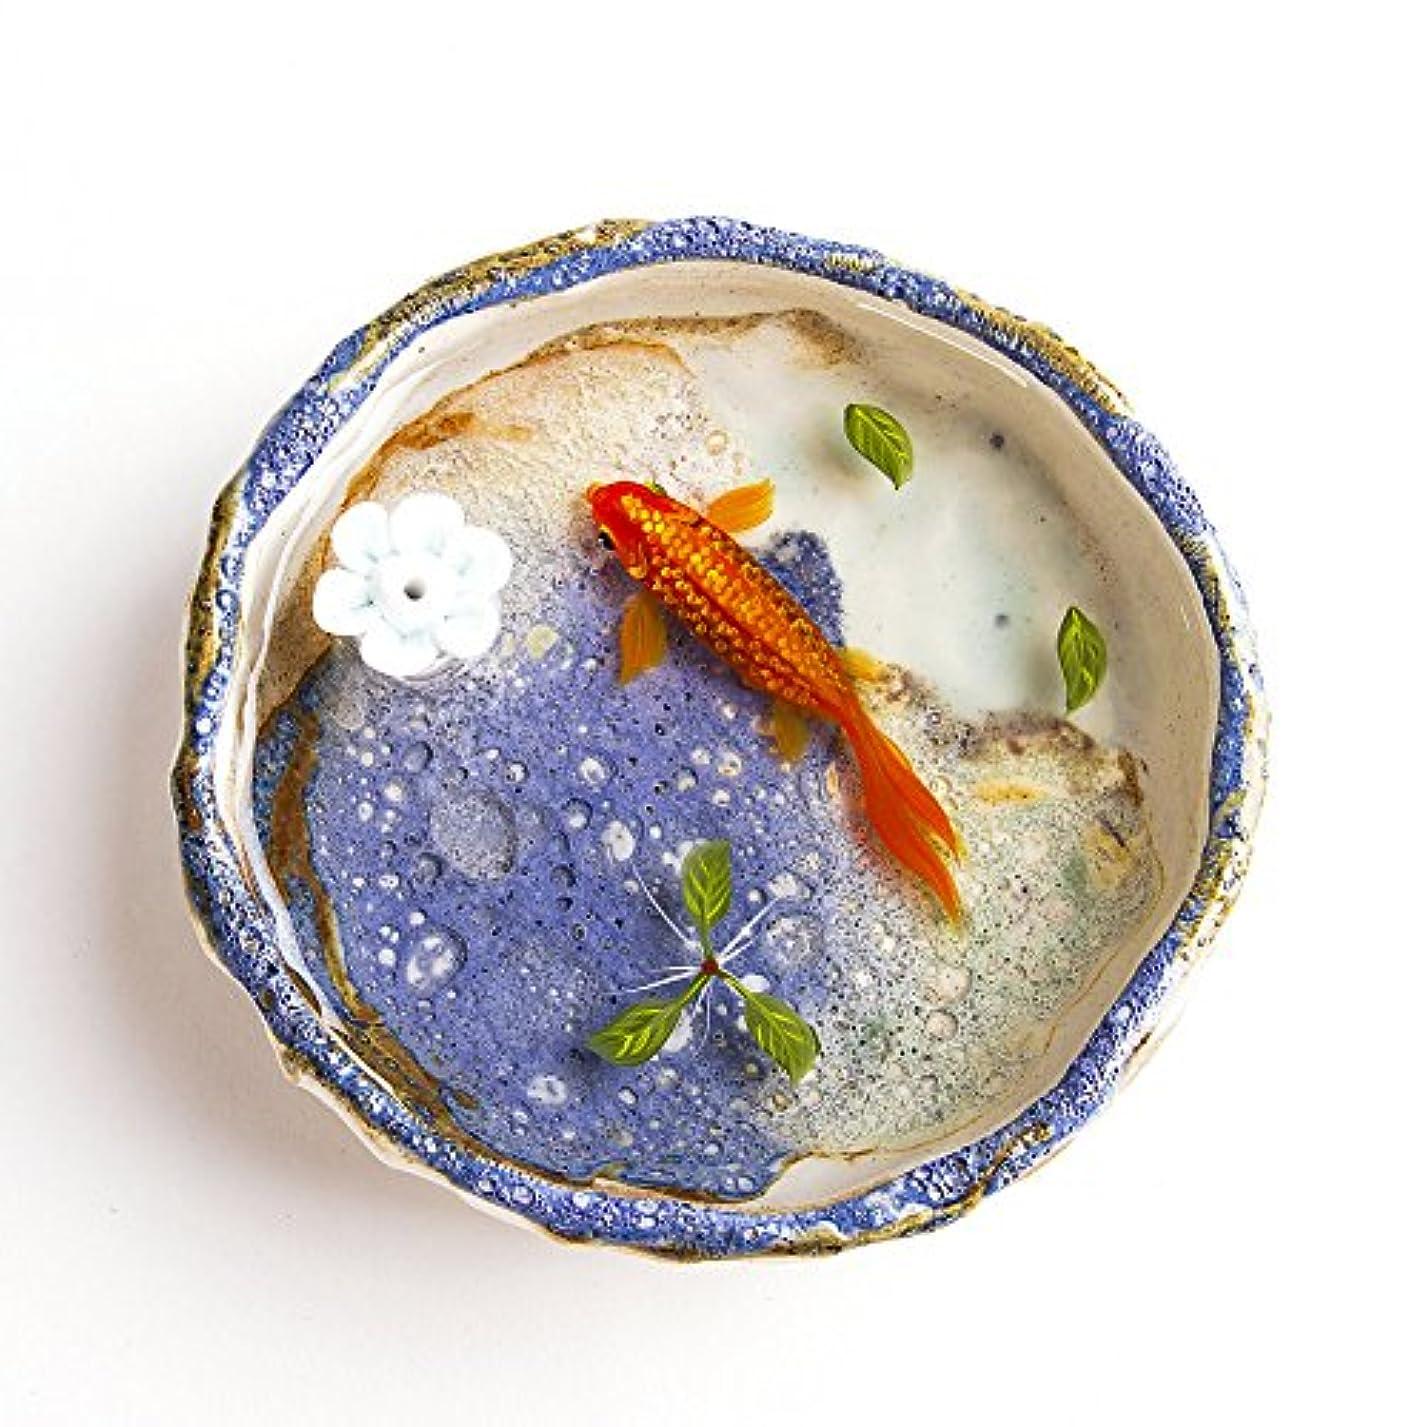 ファイルいとこ多数のお香立て お香たて 香の器 お香を焚いて 香皿,陶磁器、ブルー